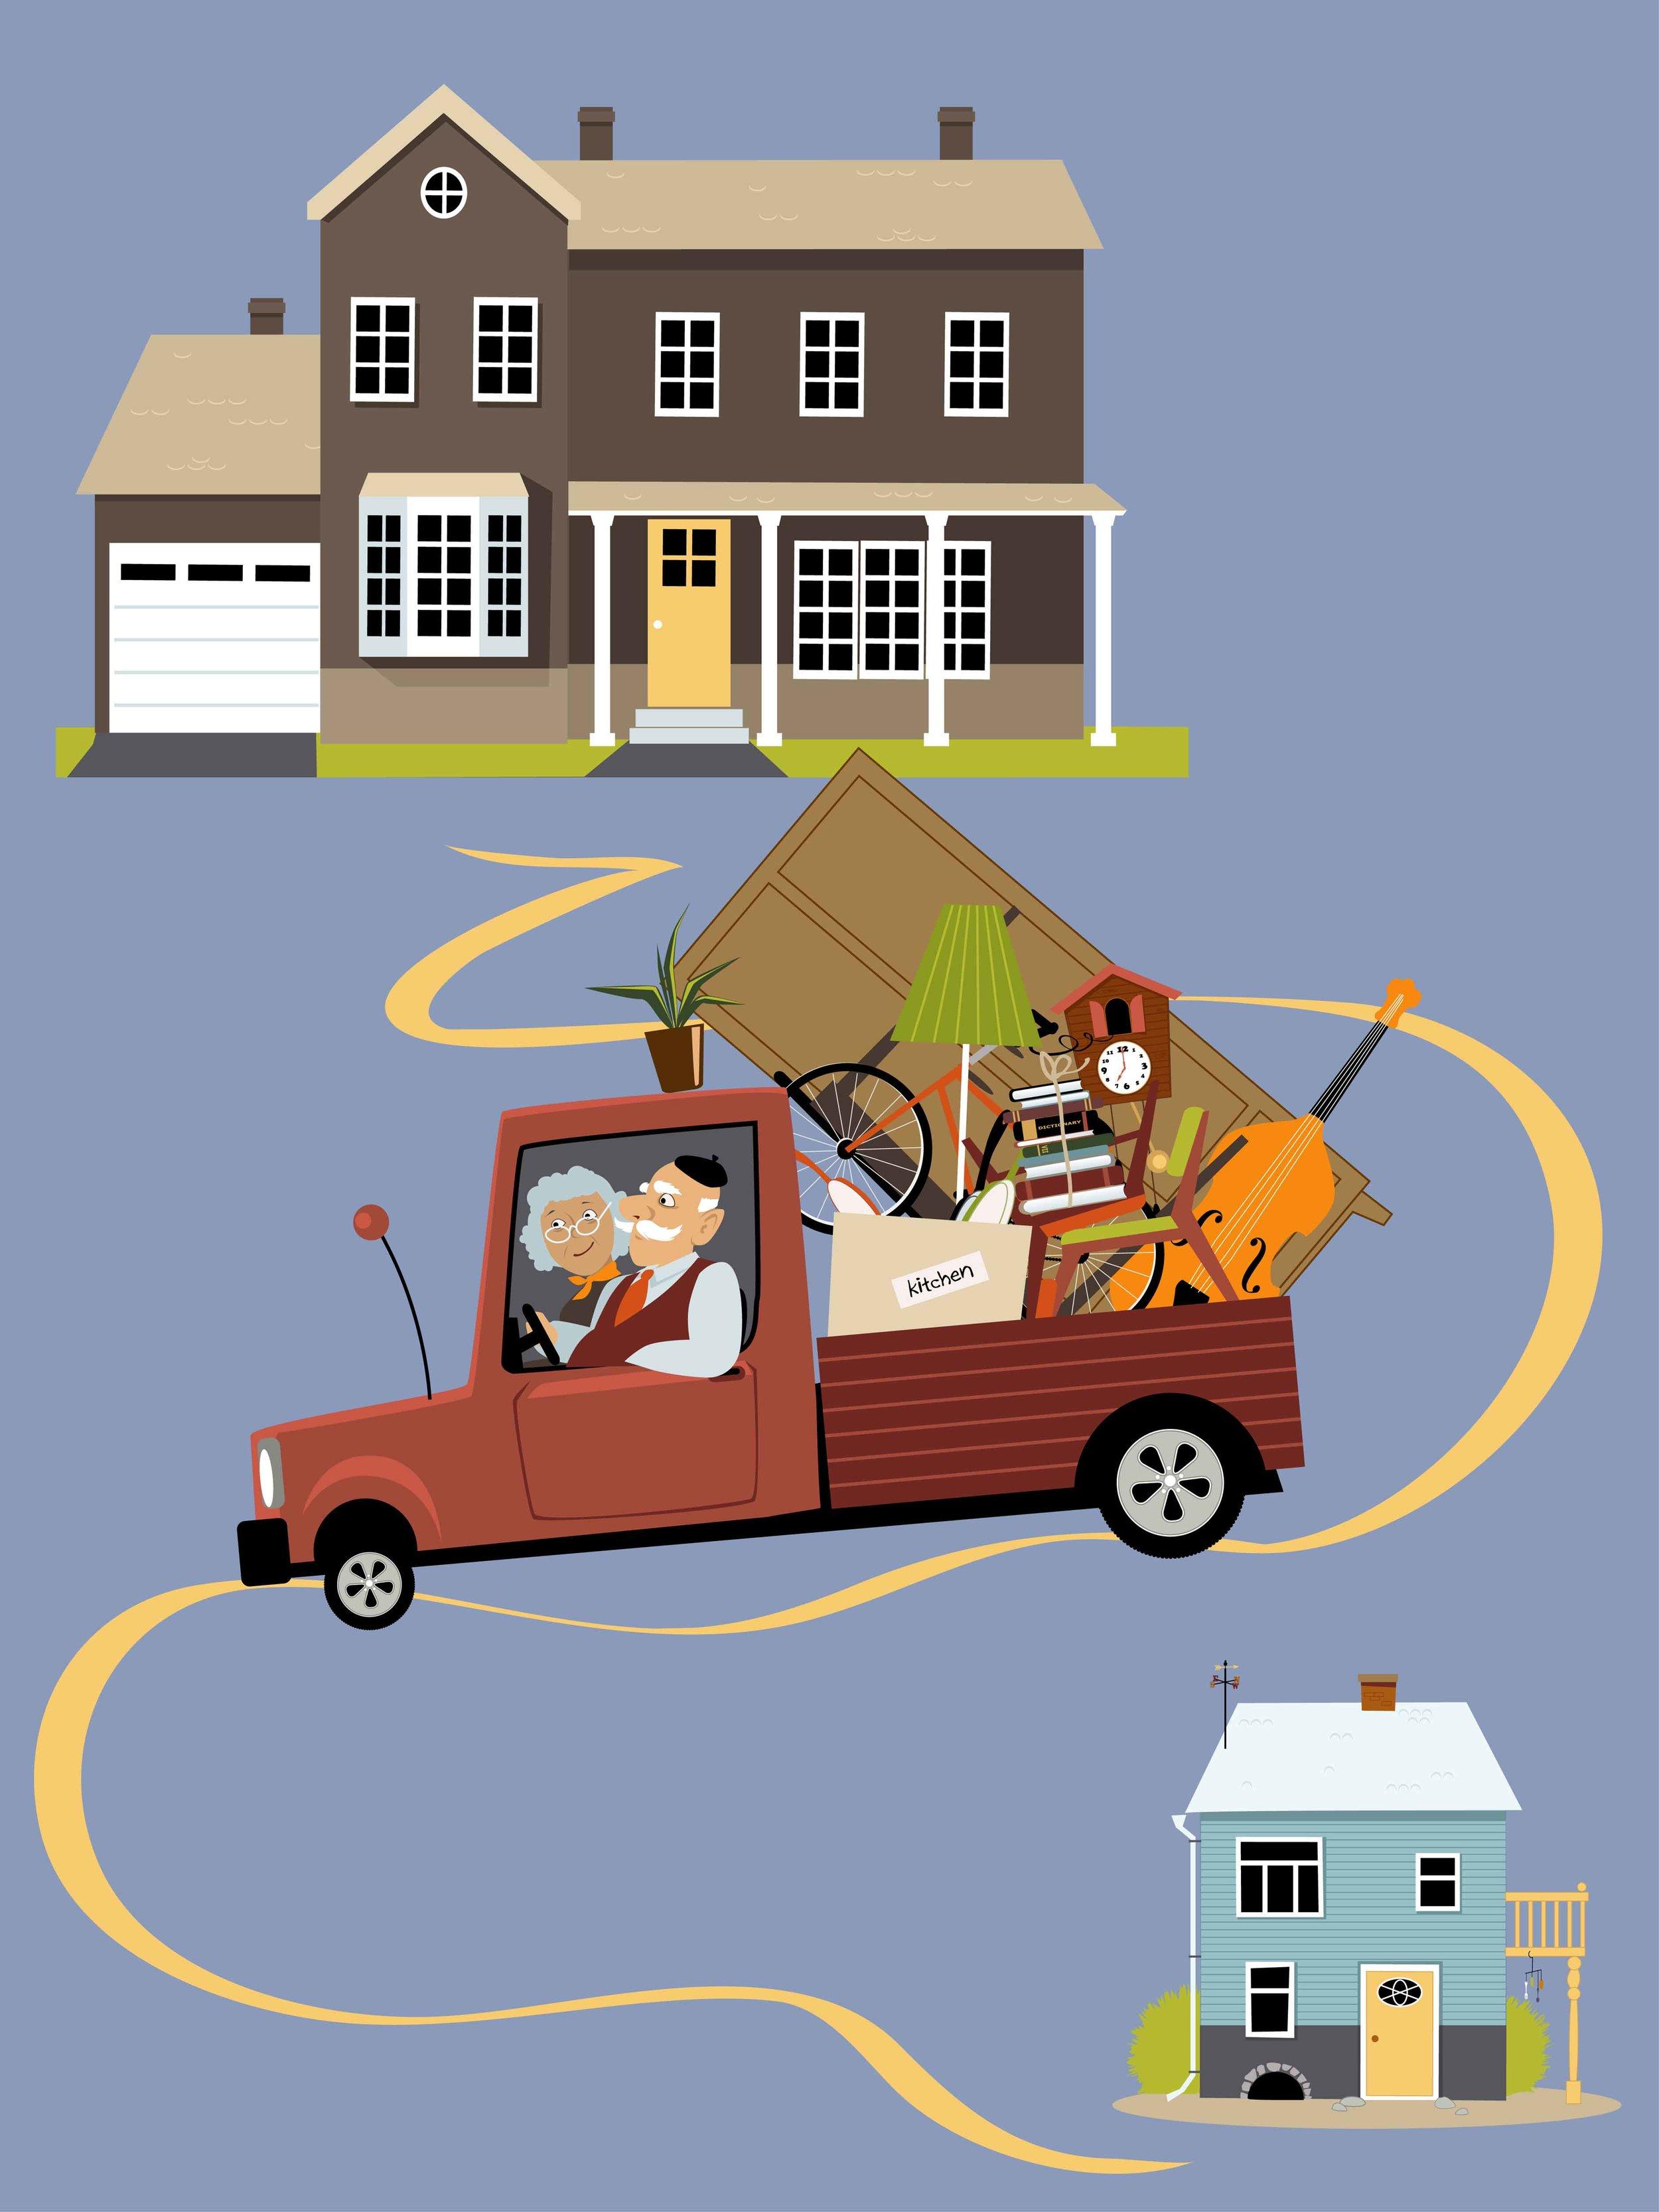 downsizing-house-moving-house